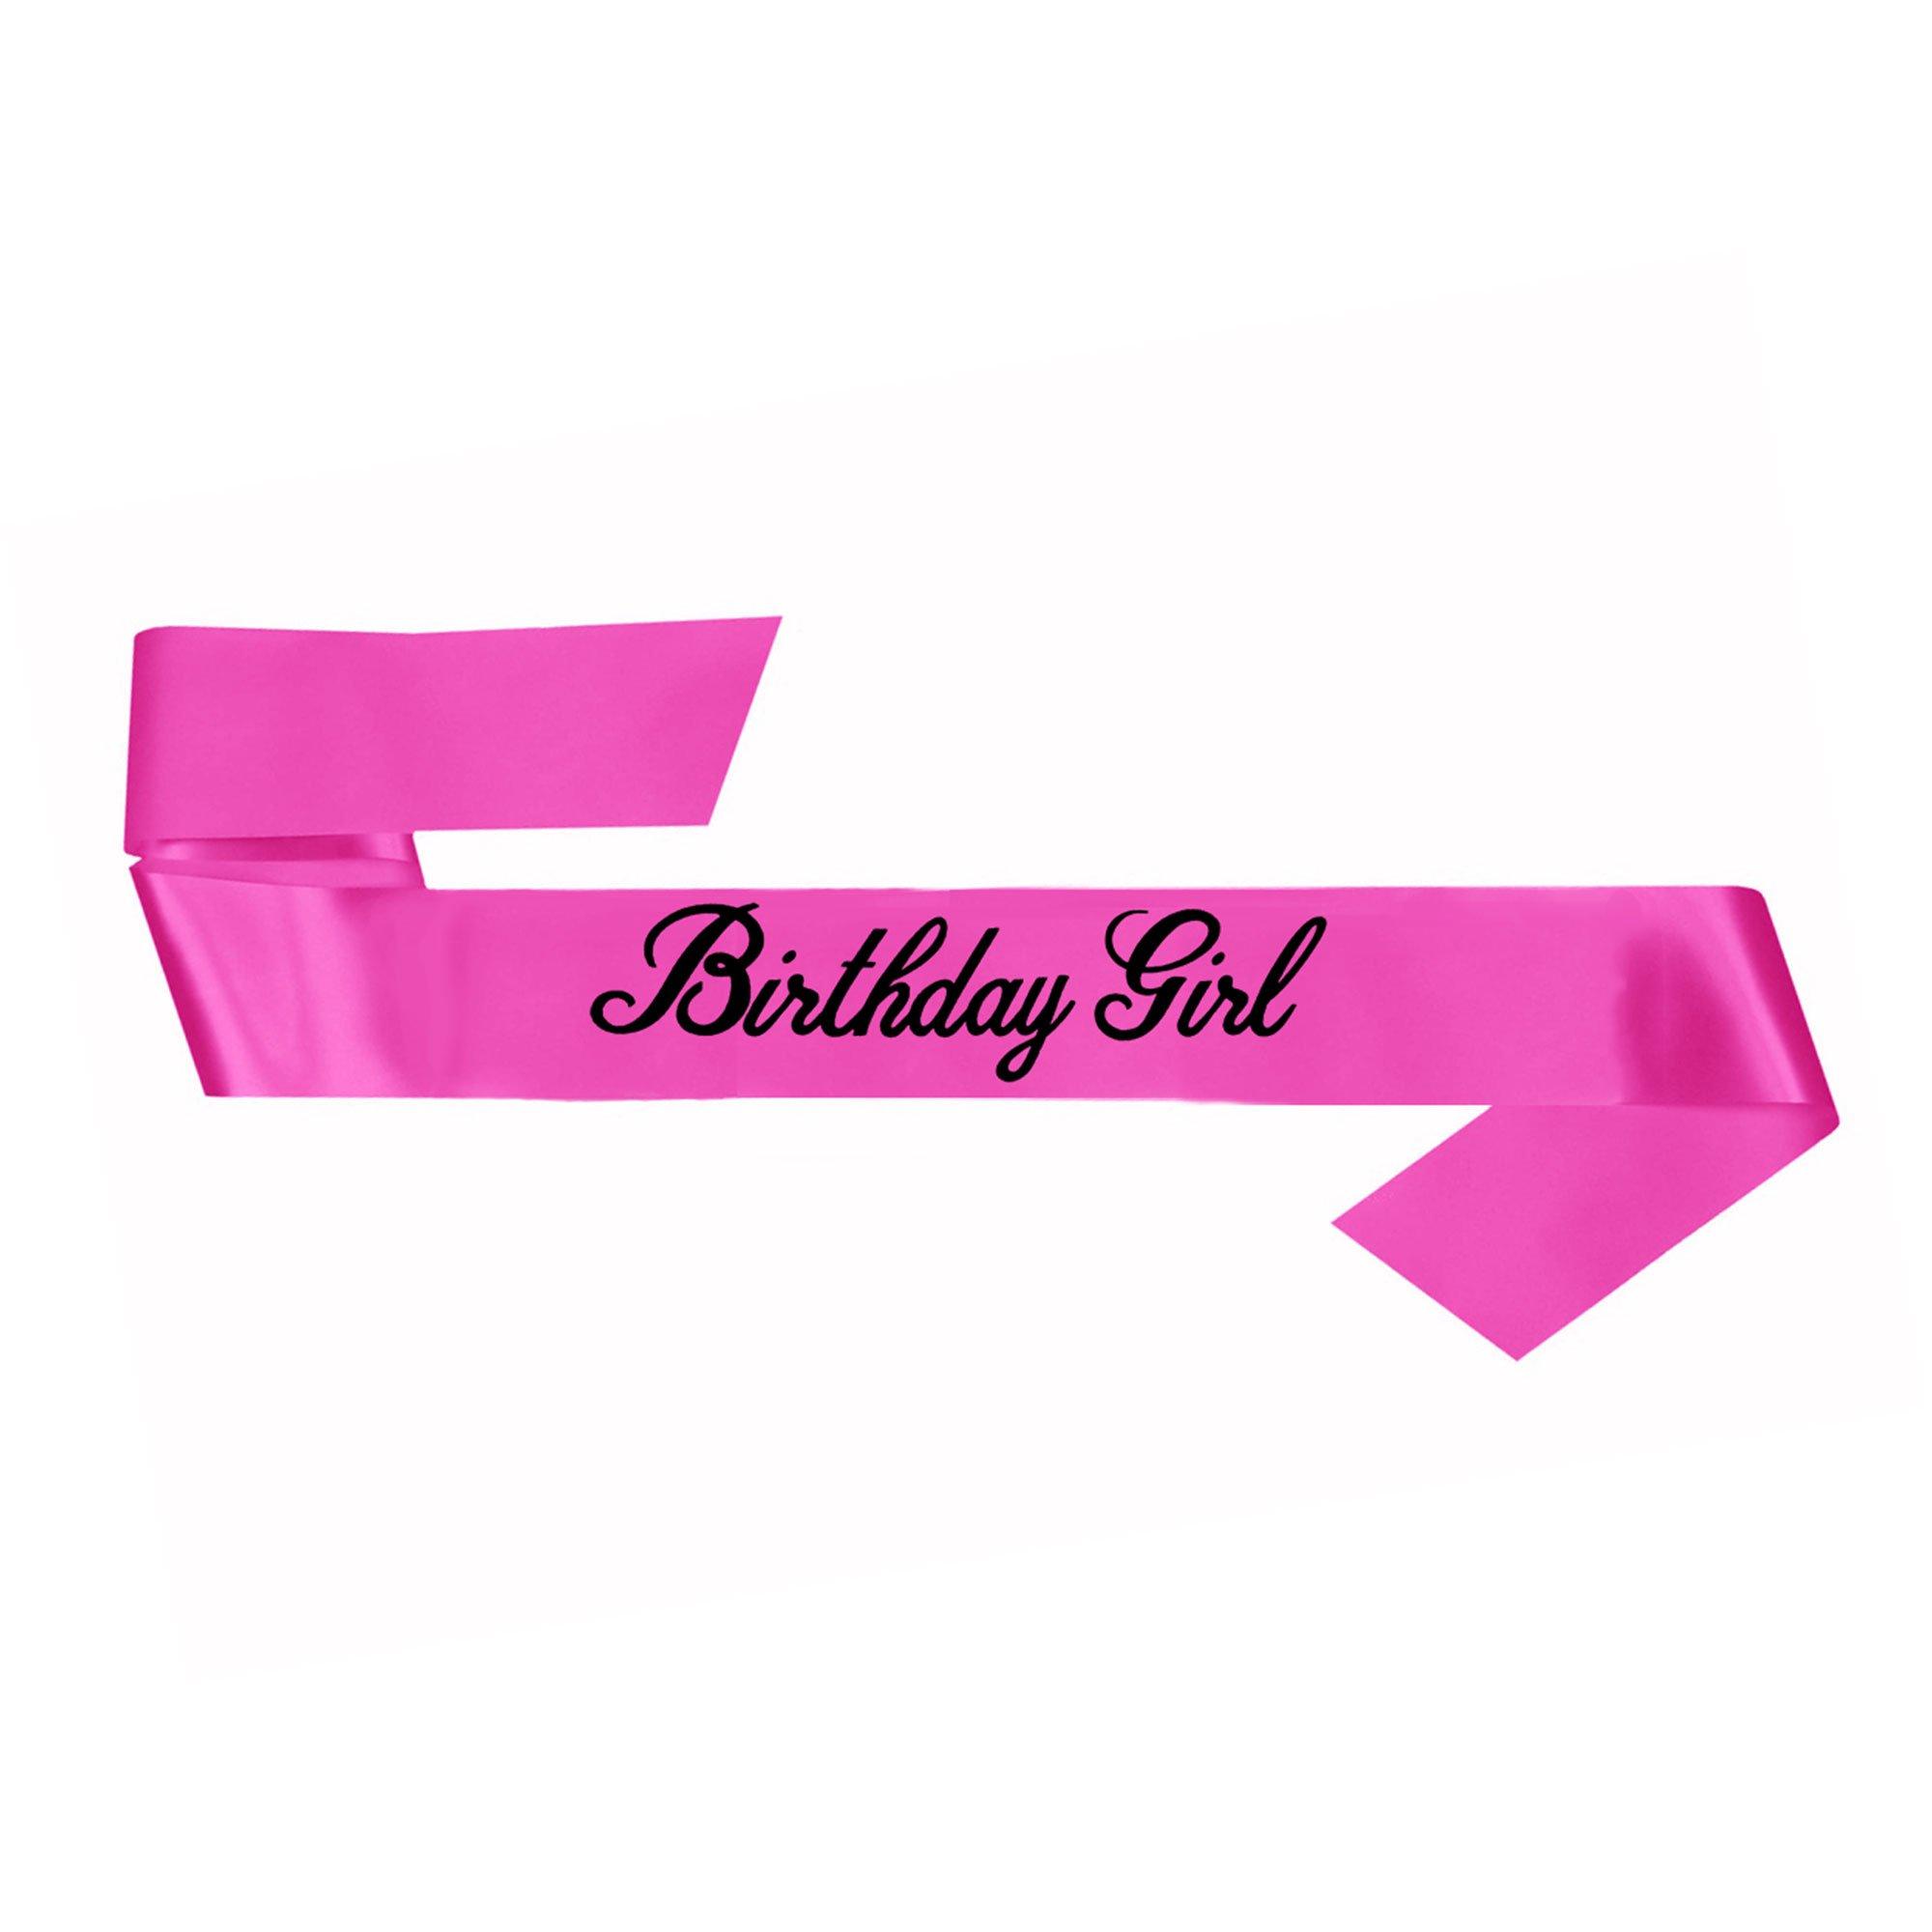 Birthday Girl Sash - Pink